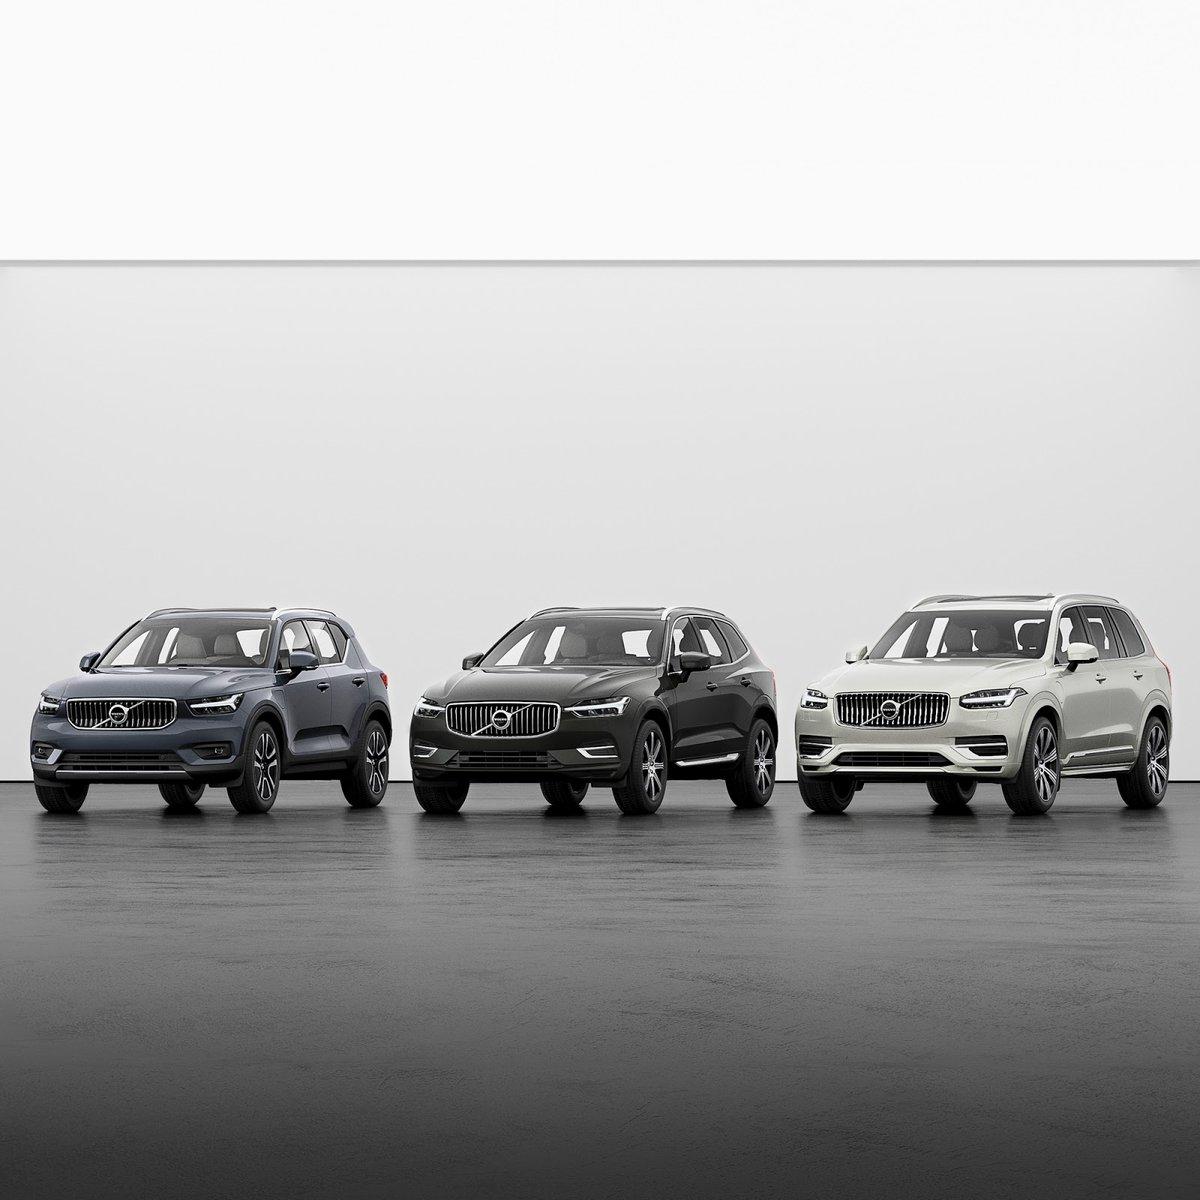 Do trzech razy sztuka. Teraz trzy najlepsze modele Volvo możesz kupić w prostym systemie ratalnym: #XC40 za 400, #XC60 za 600, a #XC90 za 900 zł miesięcznie. Wybierz Volvo, jakie chcesz, z dowolną wersją wyposażenia: https://t.co/em9ujONEqY https://t.co/z3coQmvSRg